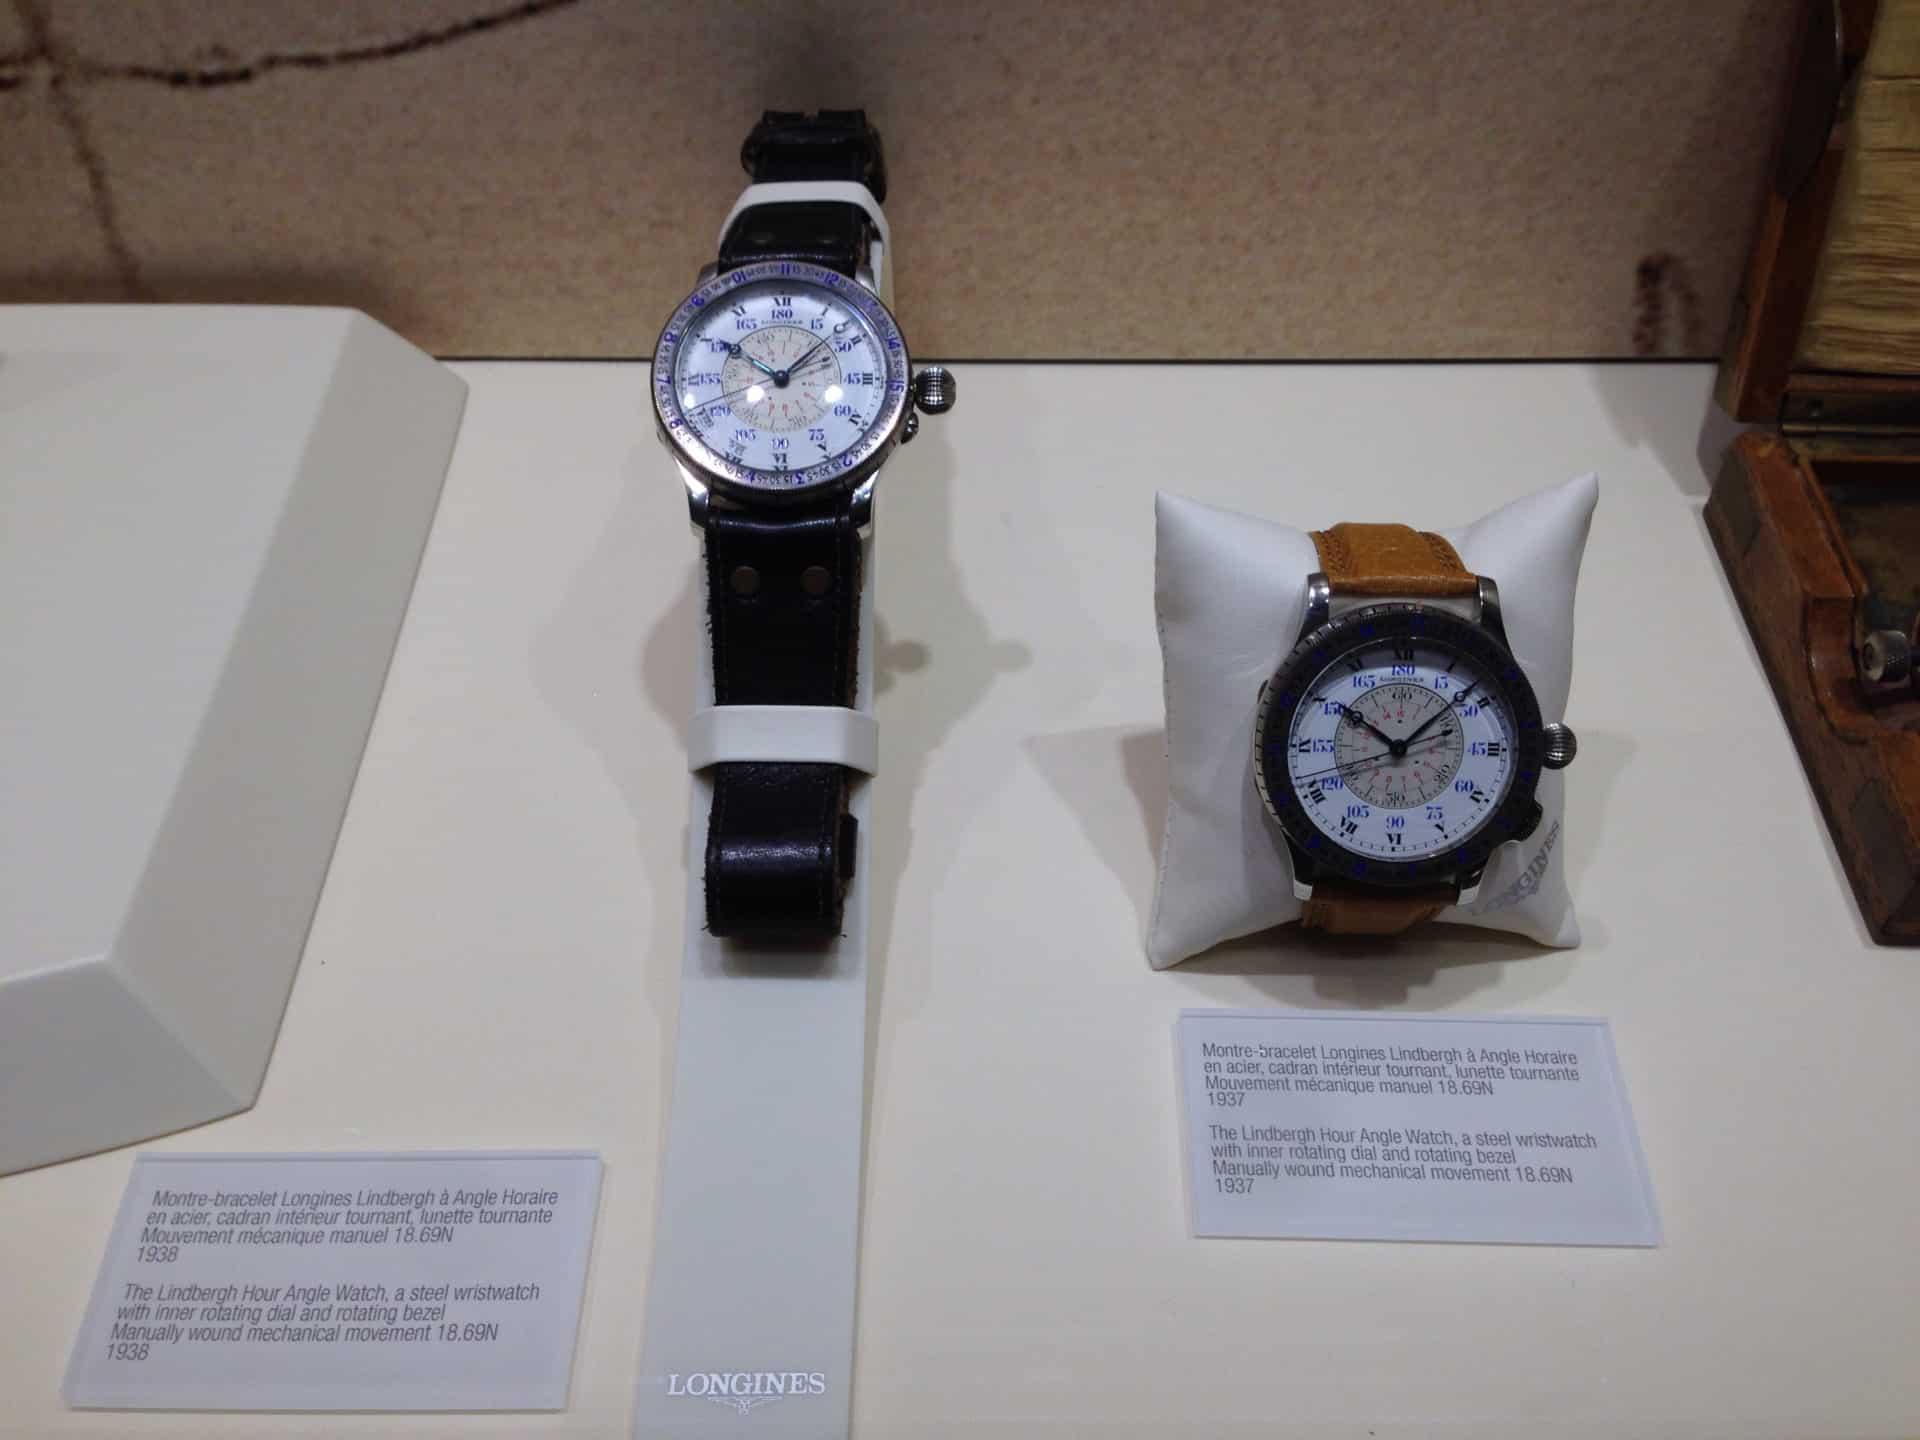 Für interessierte gibt es die Longines Uhren im Museum zu sehen